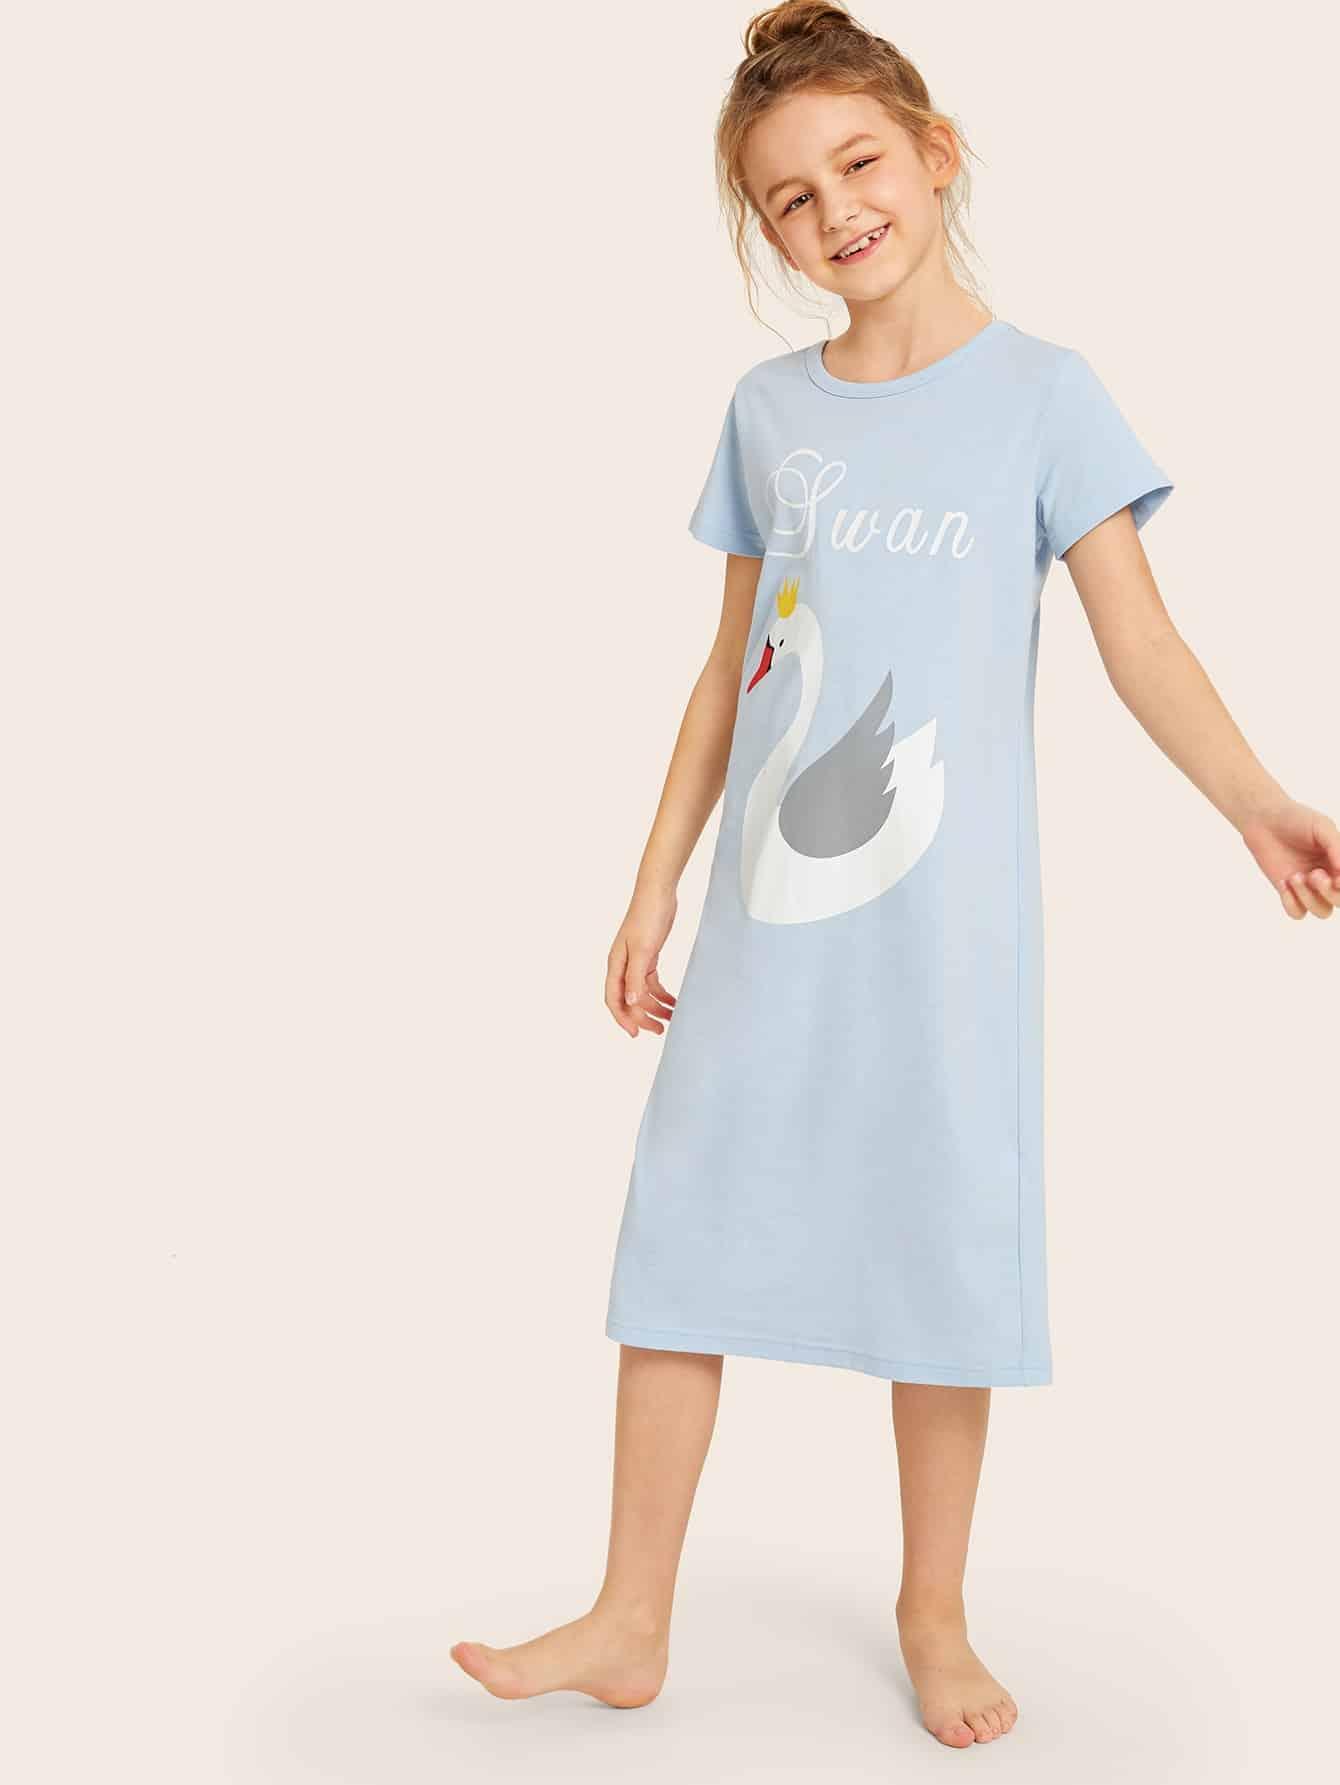 Фото - Ночная рубашка с текстовым и оригинальным принтом для девочек от SheIn цвет синие